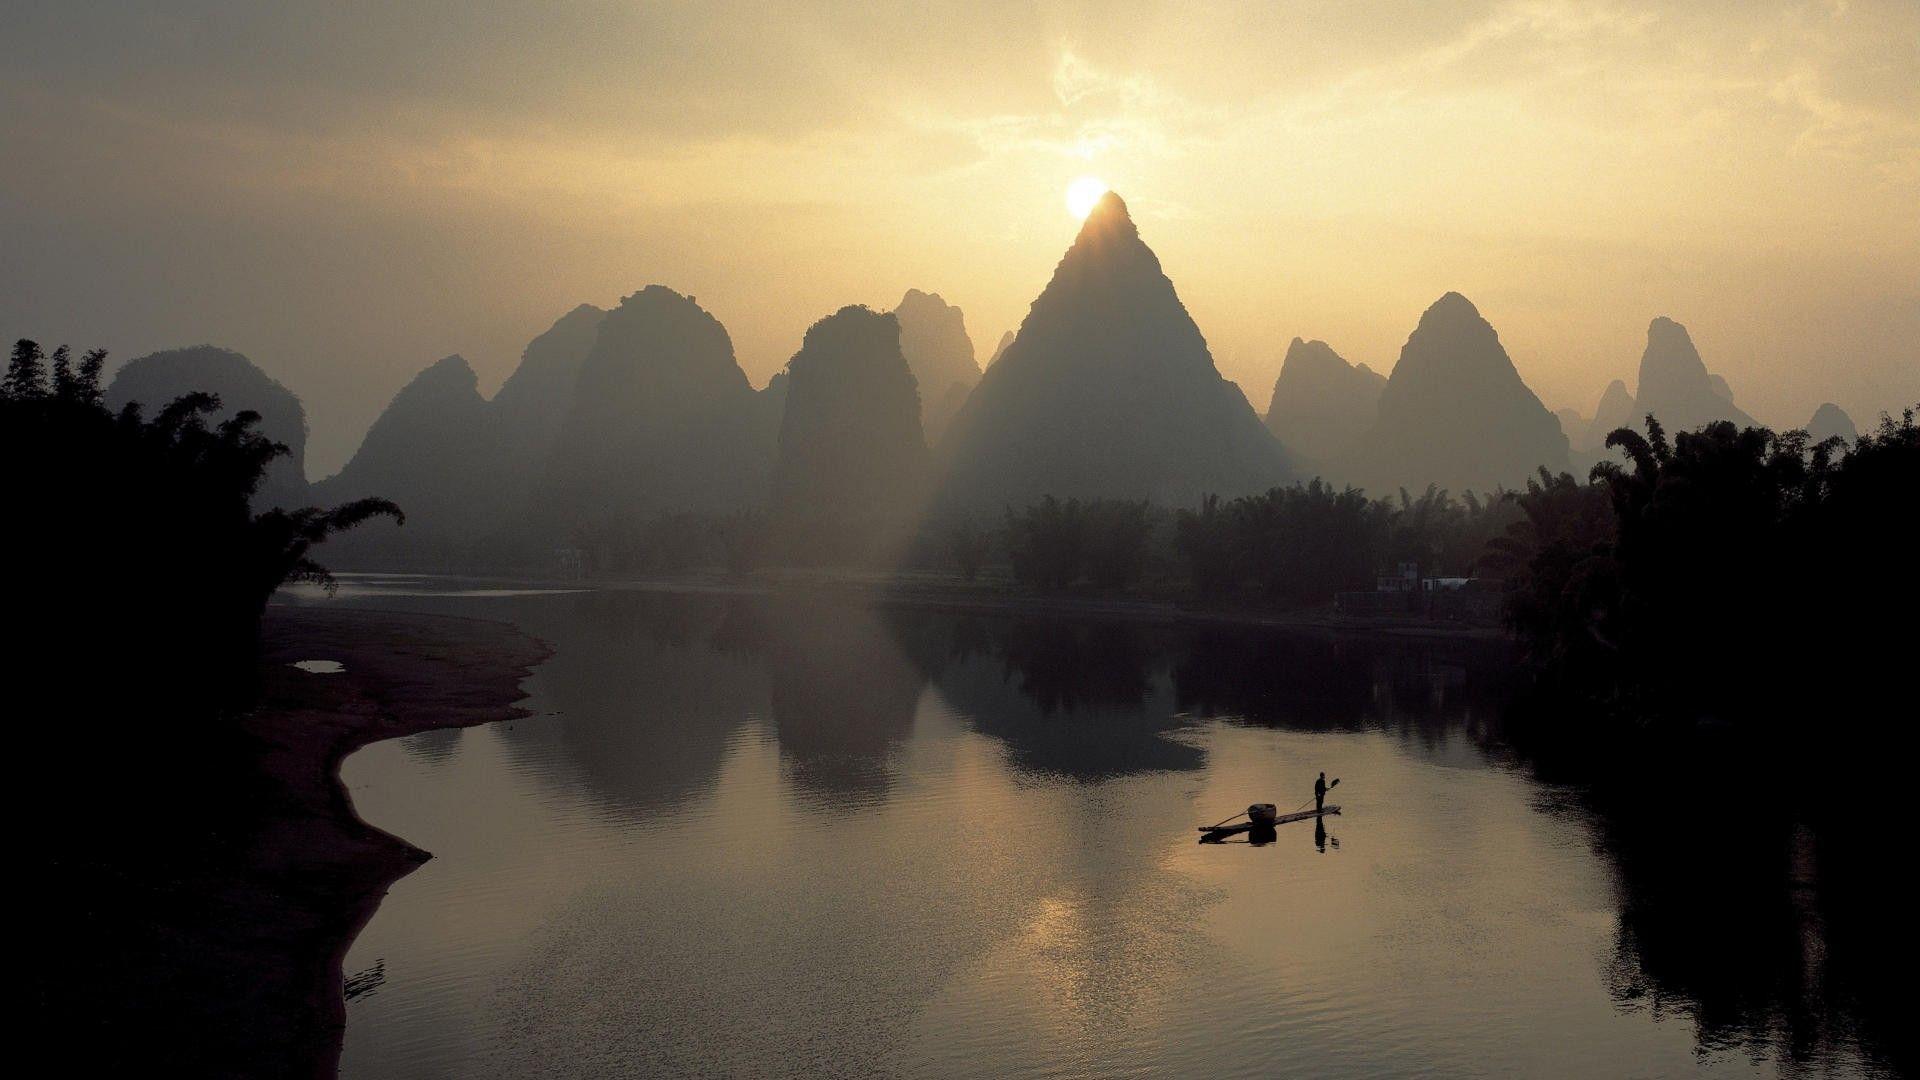 Beautiful Landscape, China – Wallpaper #33911